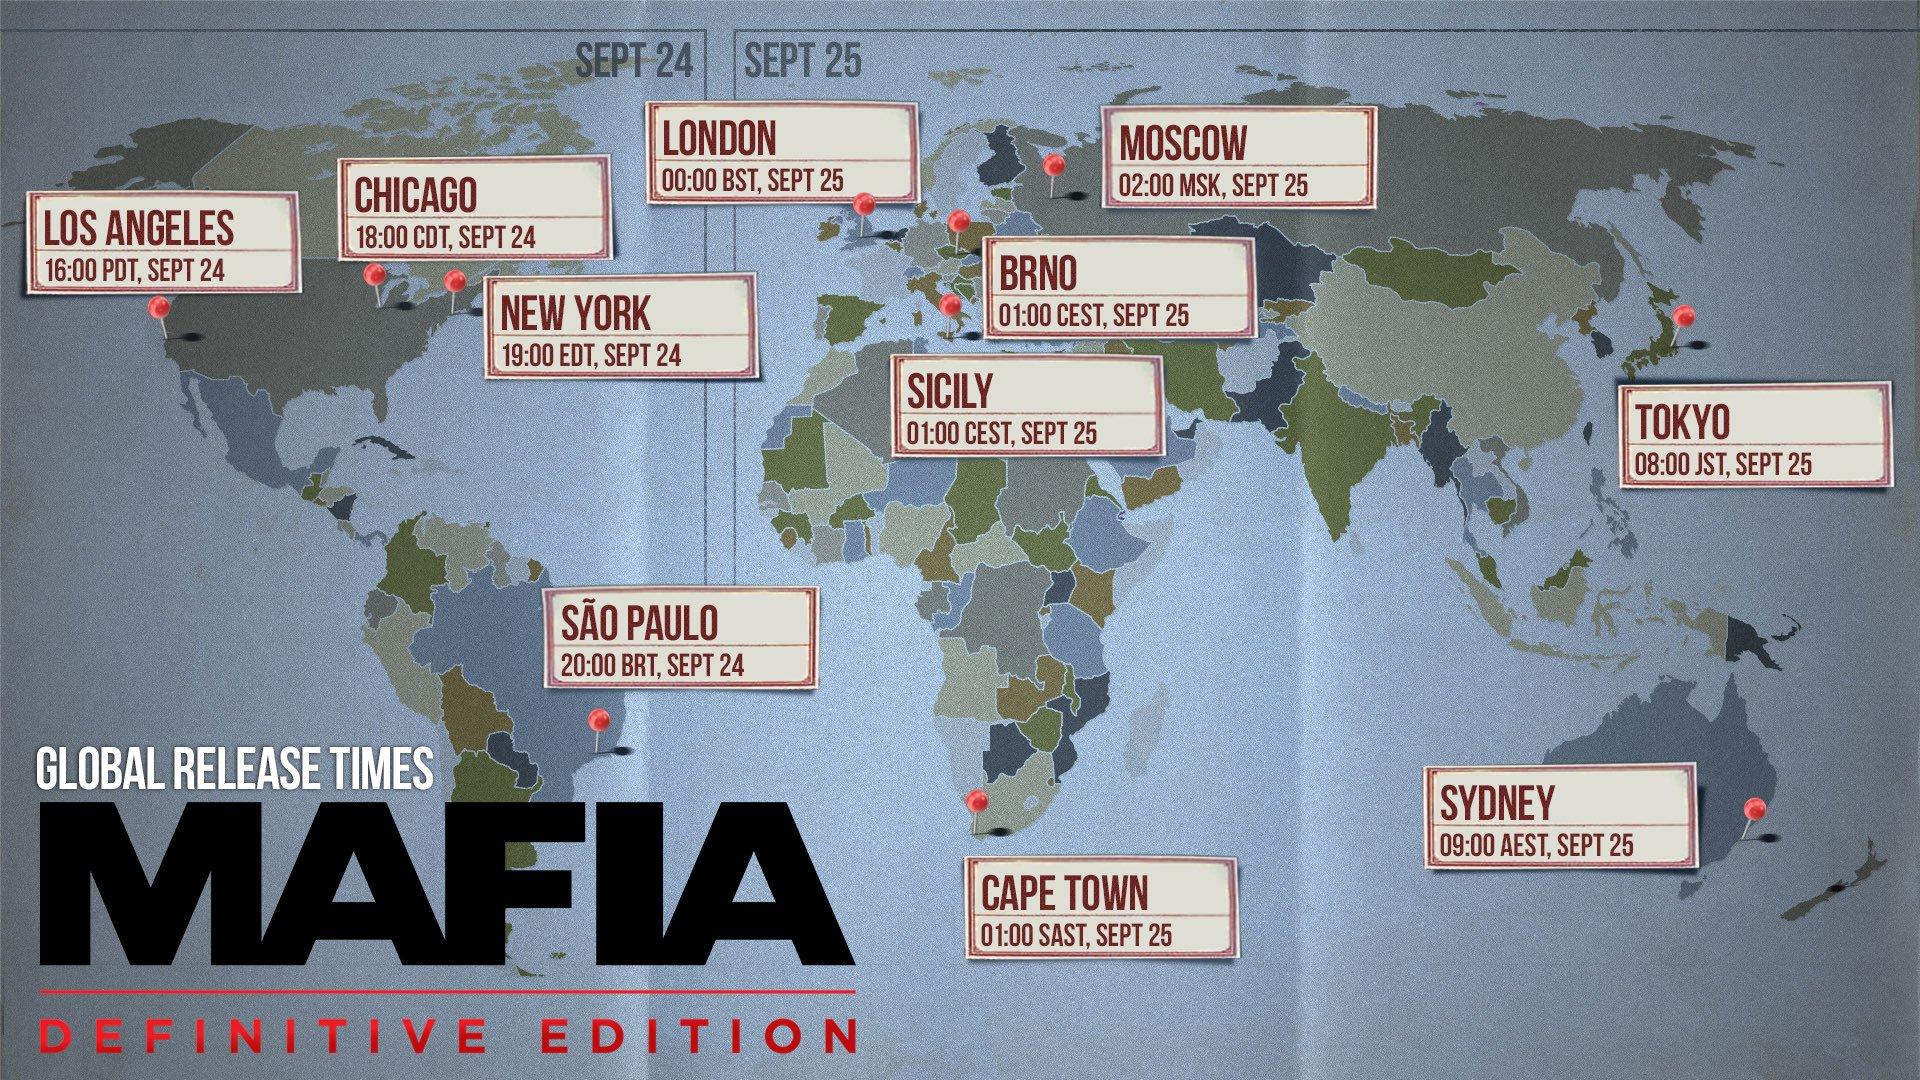 Hangar 13 сообщила время запуска Mafia: Definitive Edition в разных странах